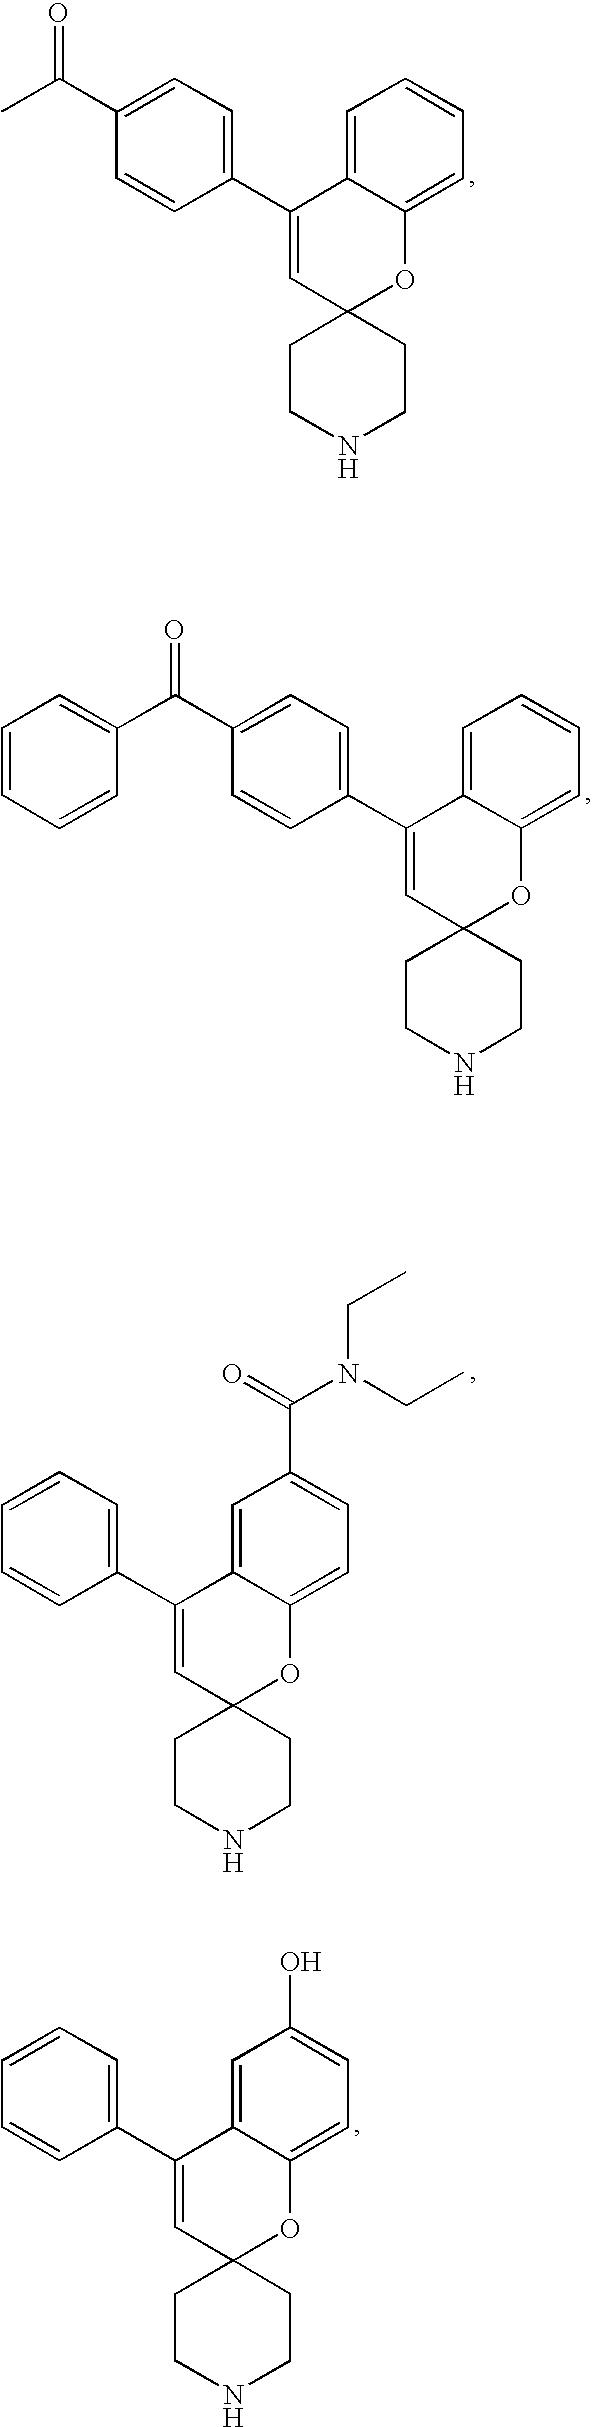 Figure US07598261-20091006-C00066